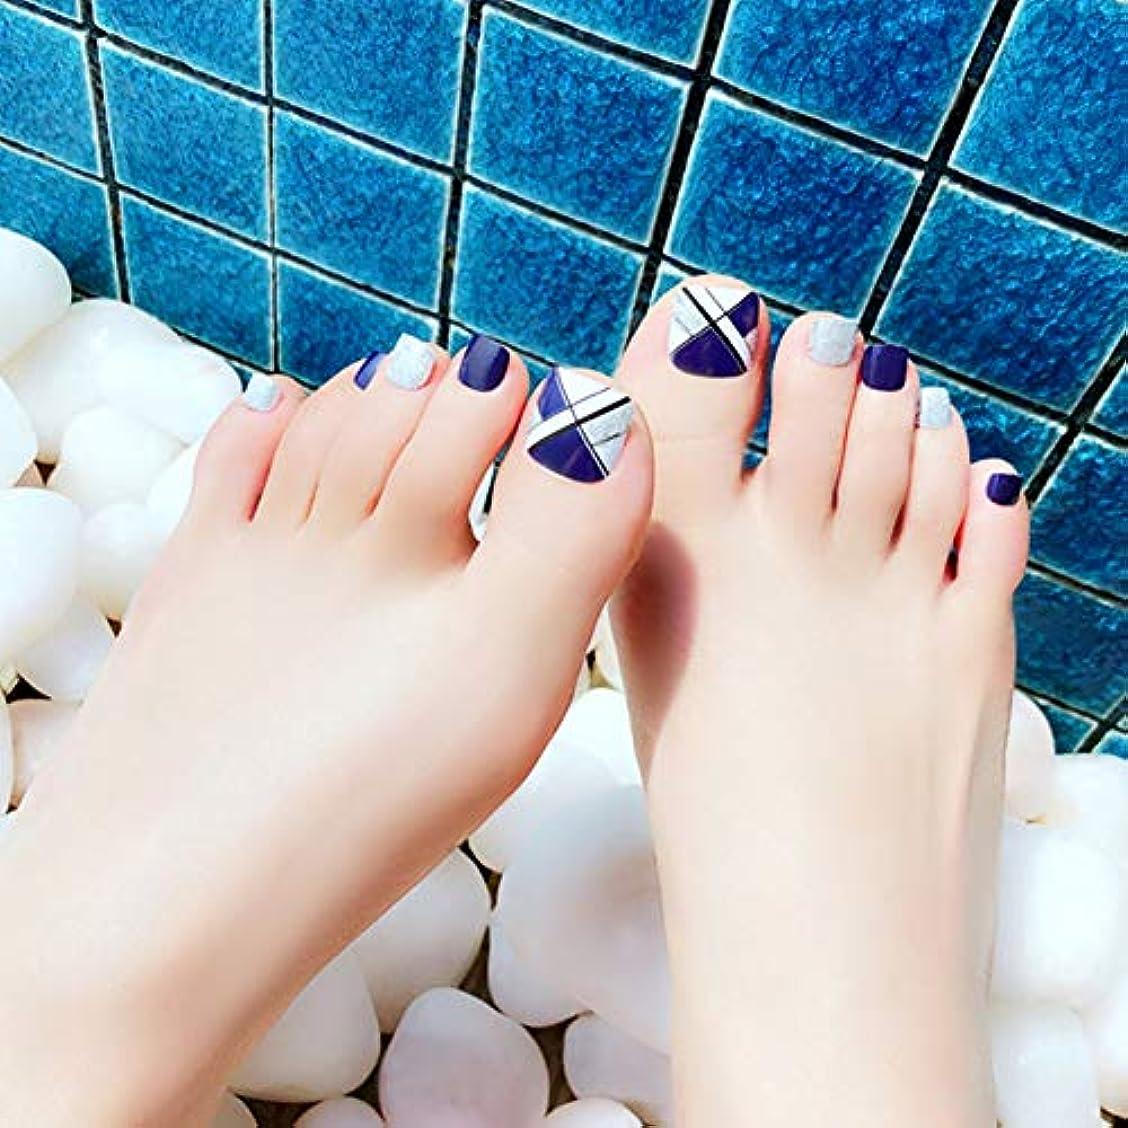 妖精シャイニング不実HuangHM 小さいな足の小指にも最適 つけ爪 付け爪 ジェルネイル ネイルアートフットタイプネイルチップ 24枚入り12サイズ各2枚 足用フットチップ ペディキュア フットネイルチップ